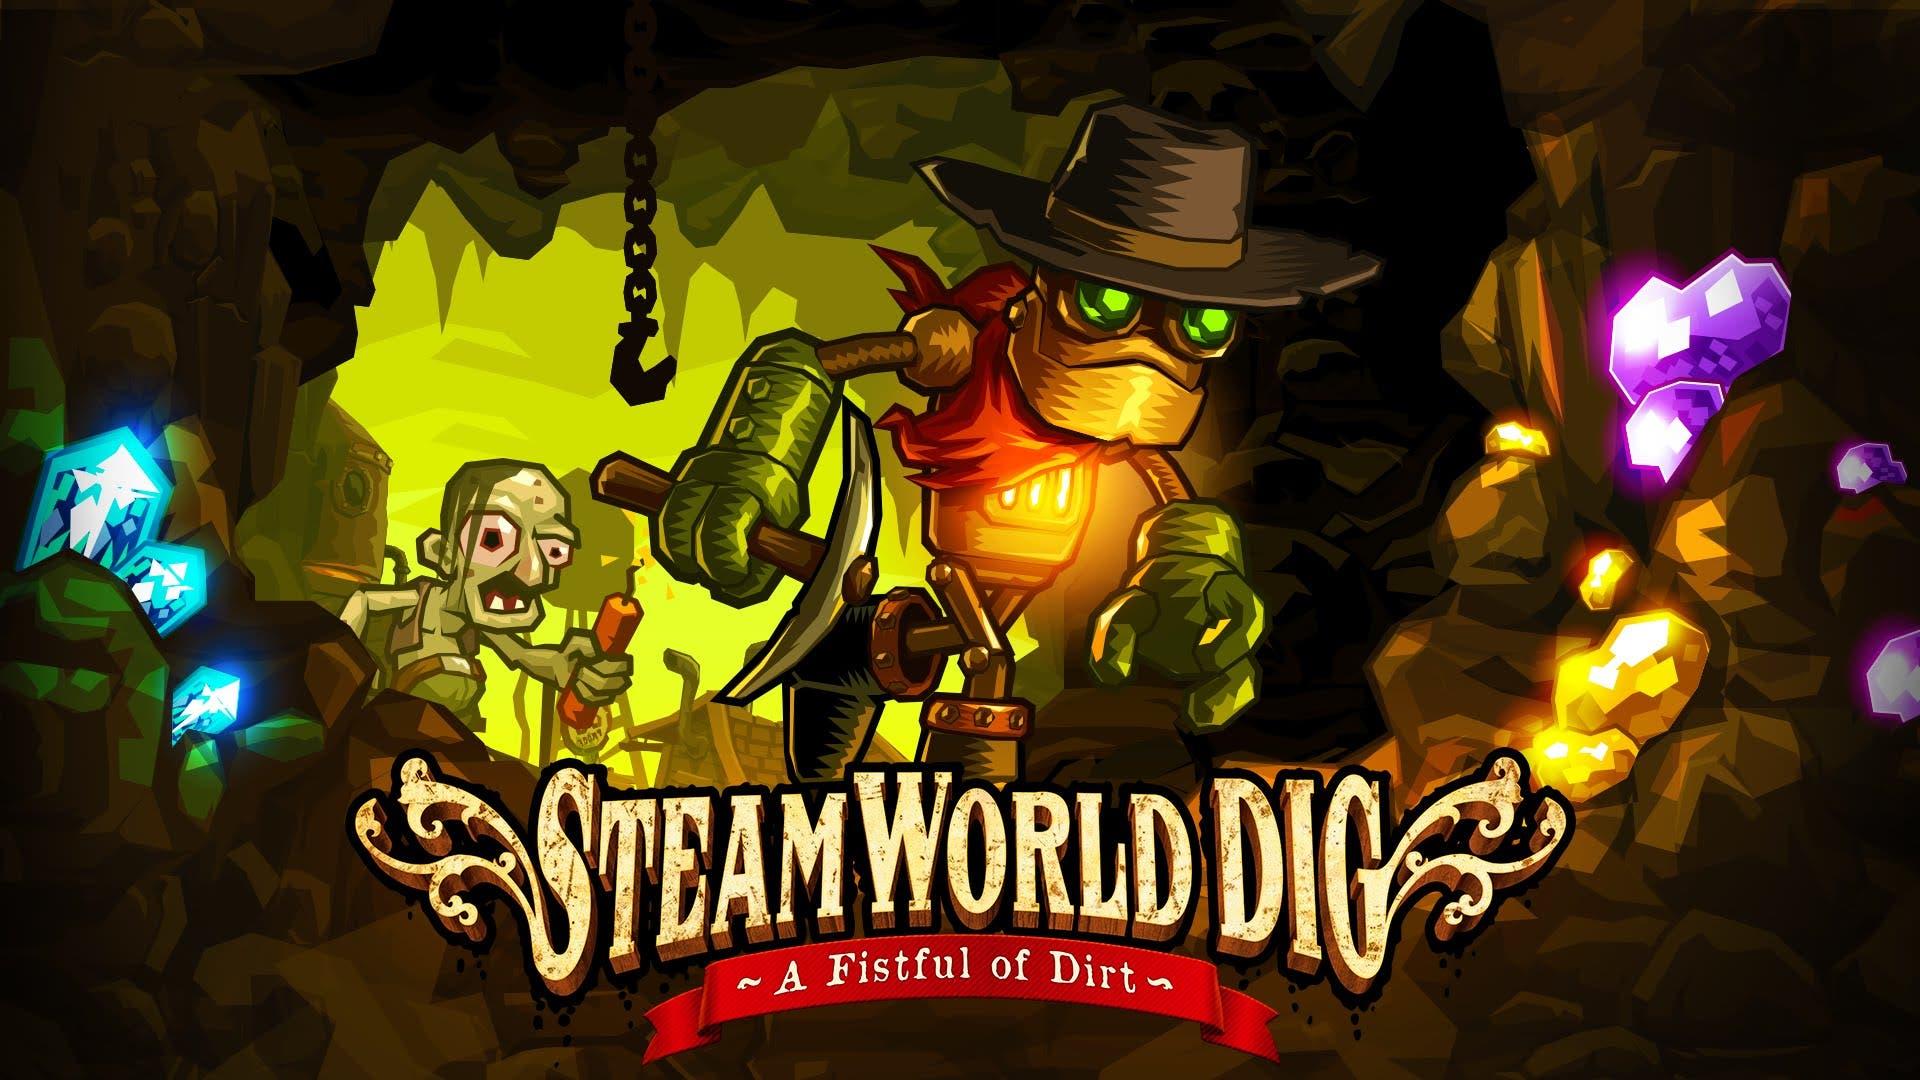 steamworld dig a fistful of dirt